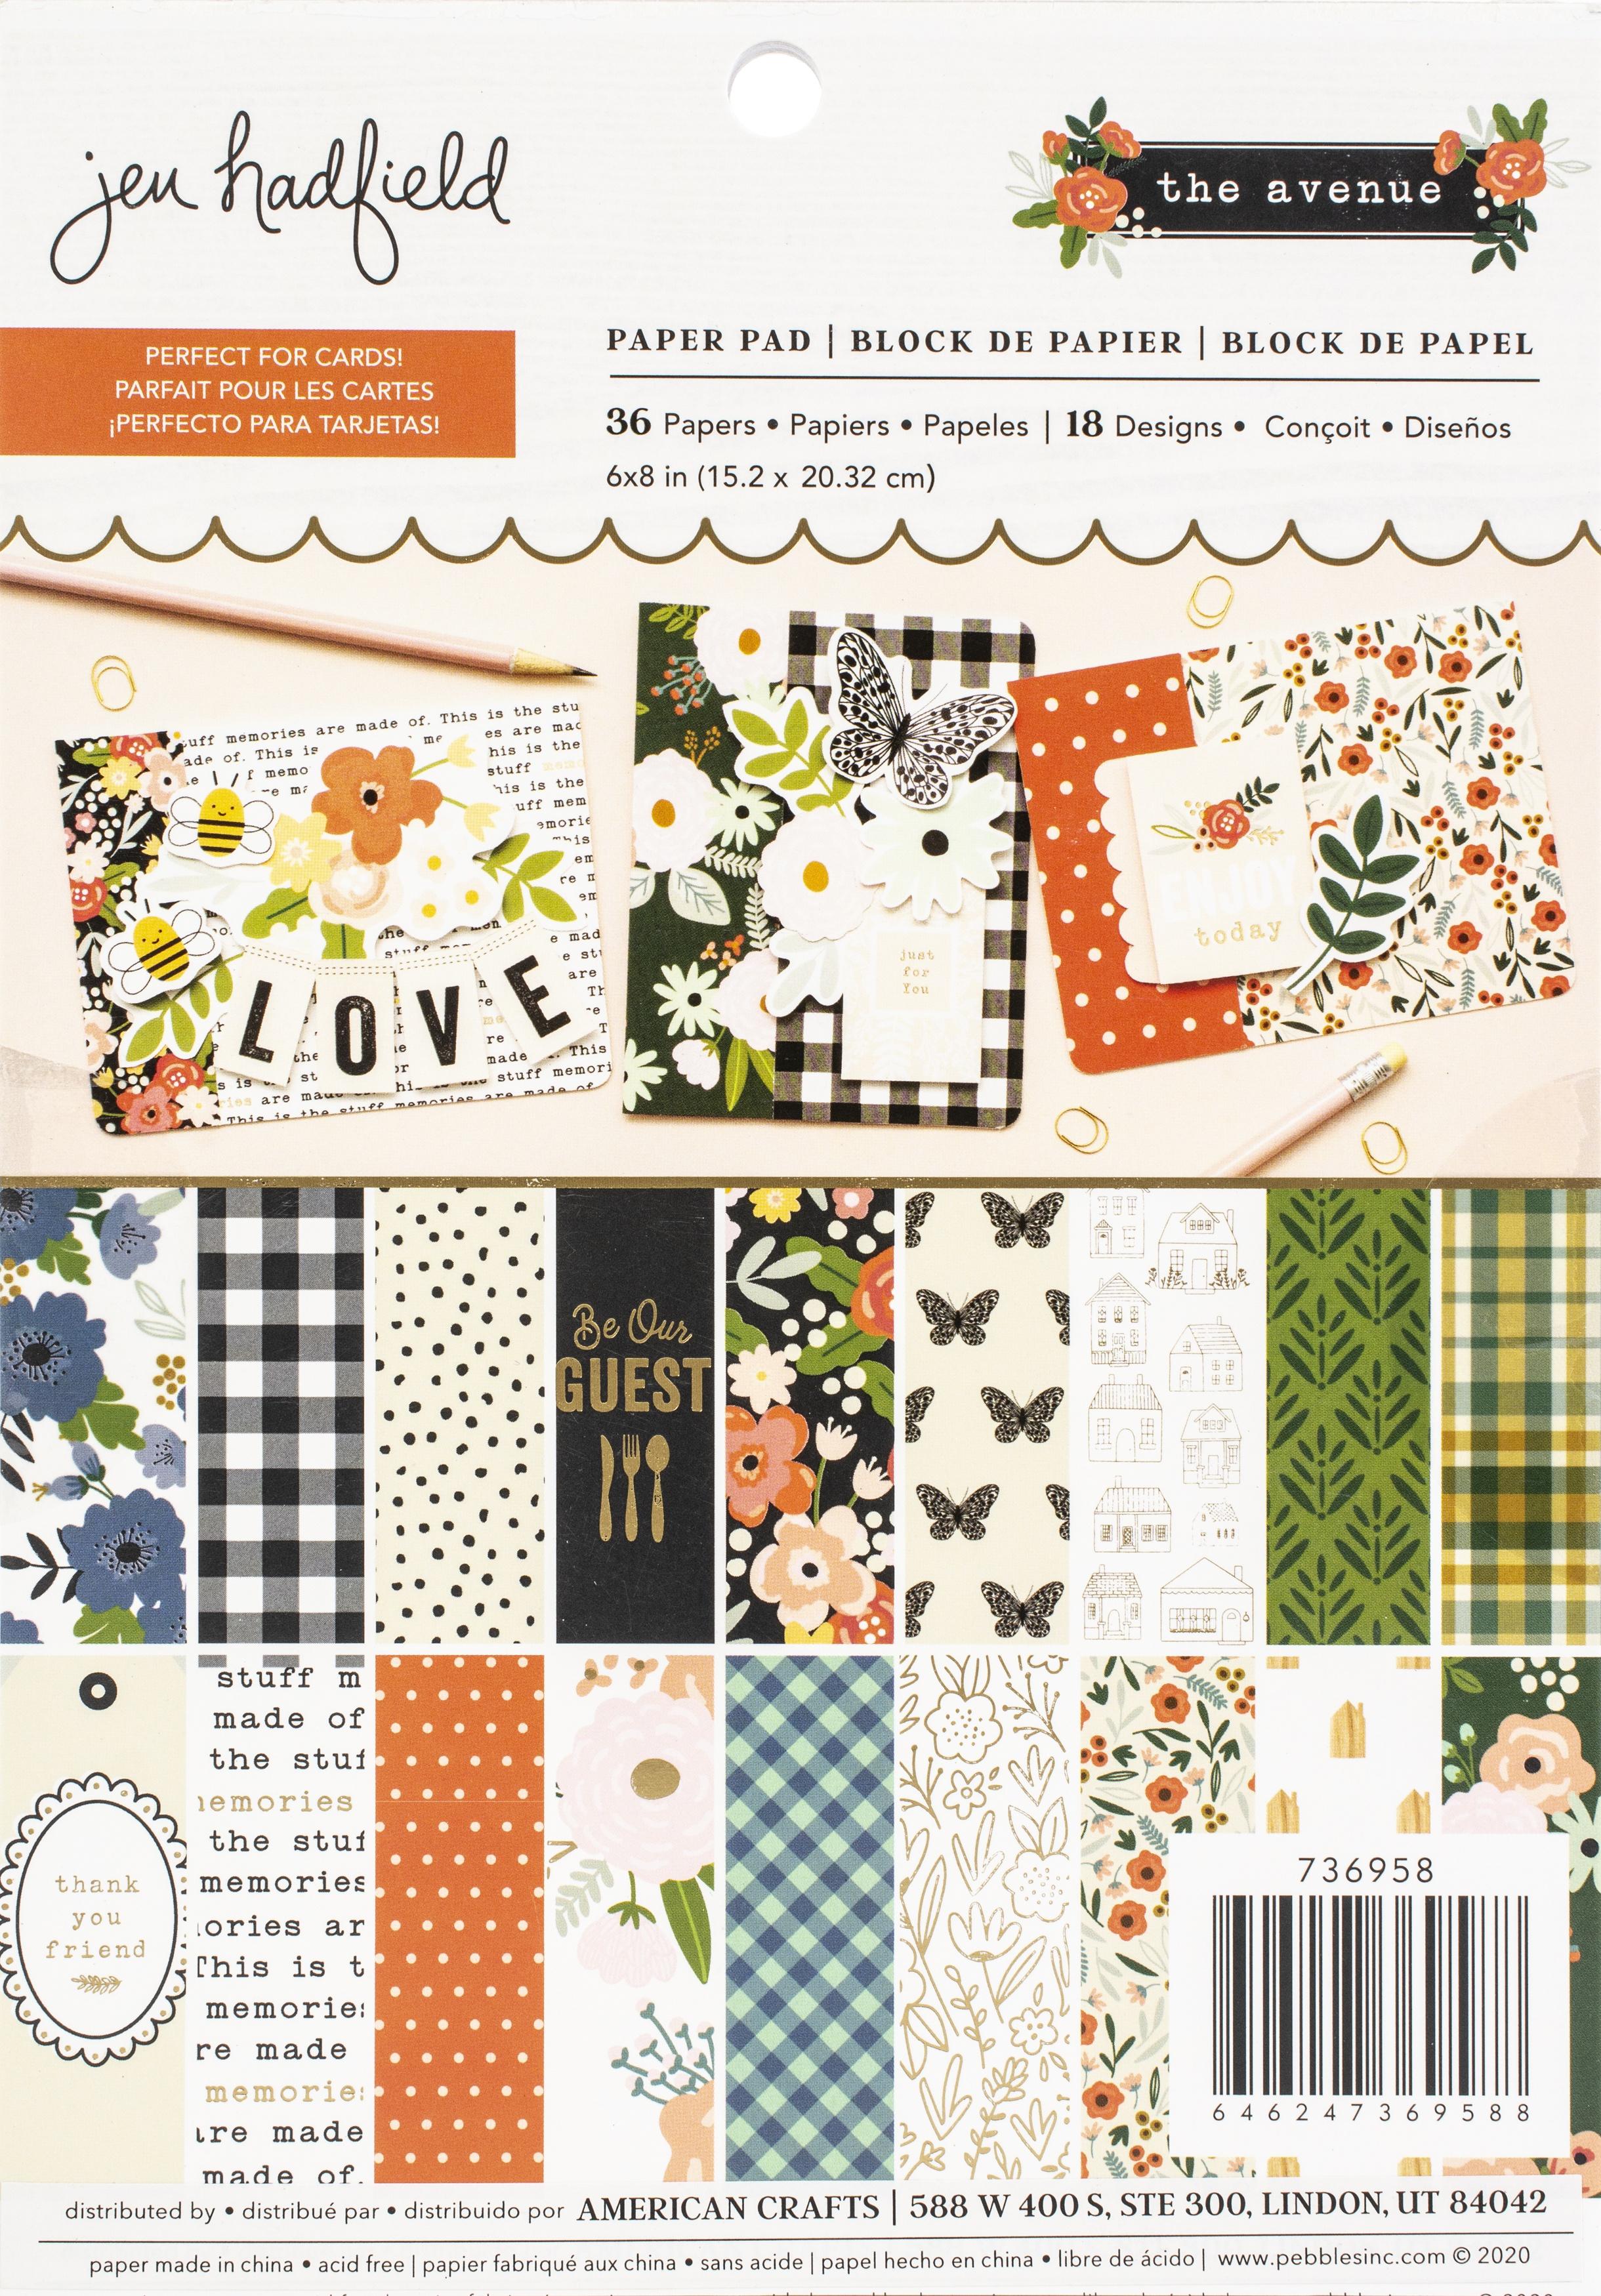 Jen Hadfield The Avenue - 6x8 Paper Pad